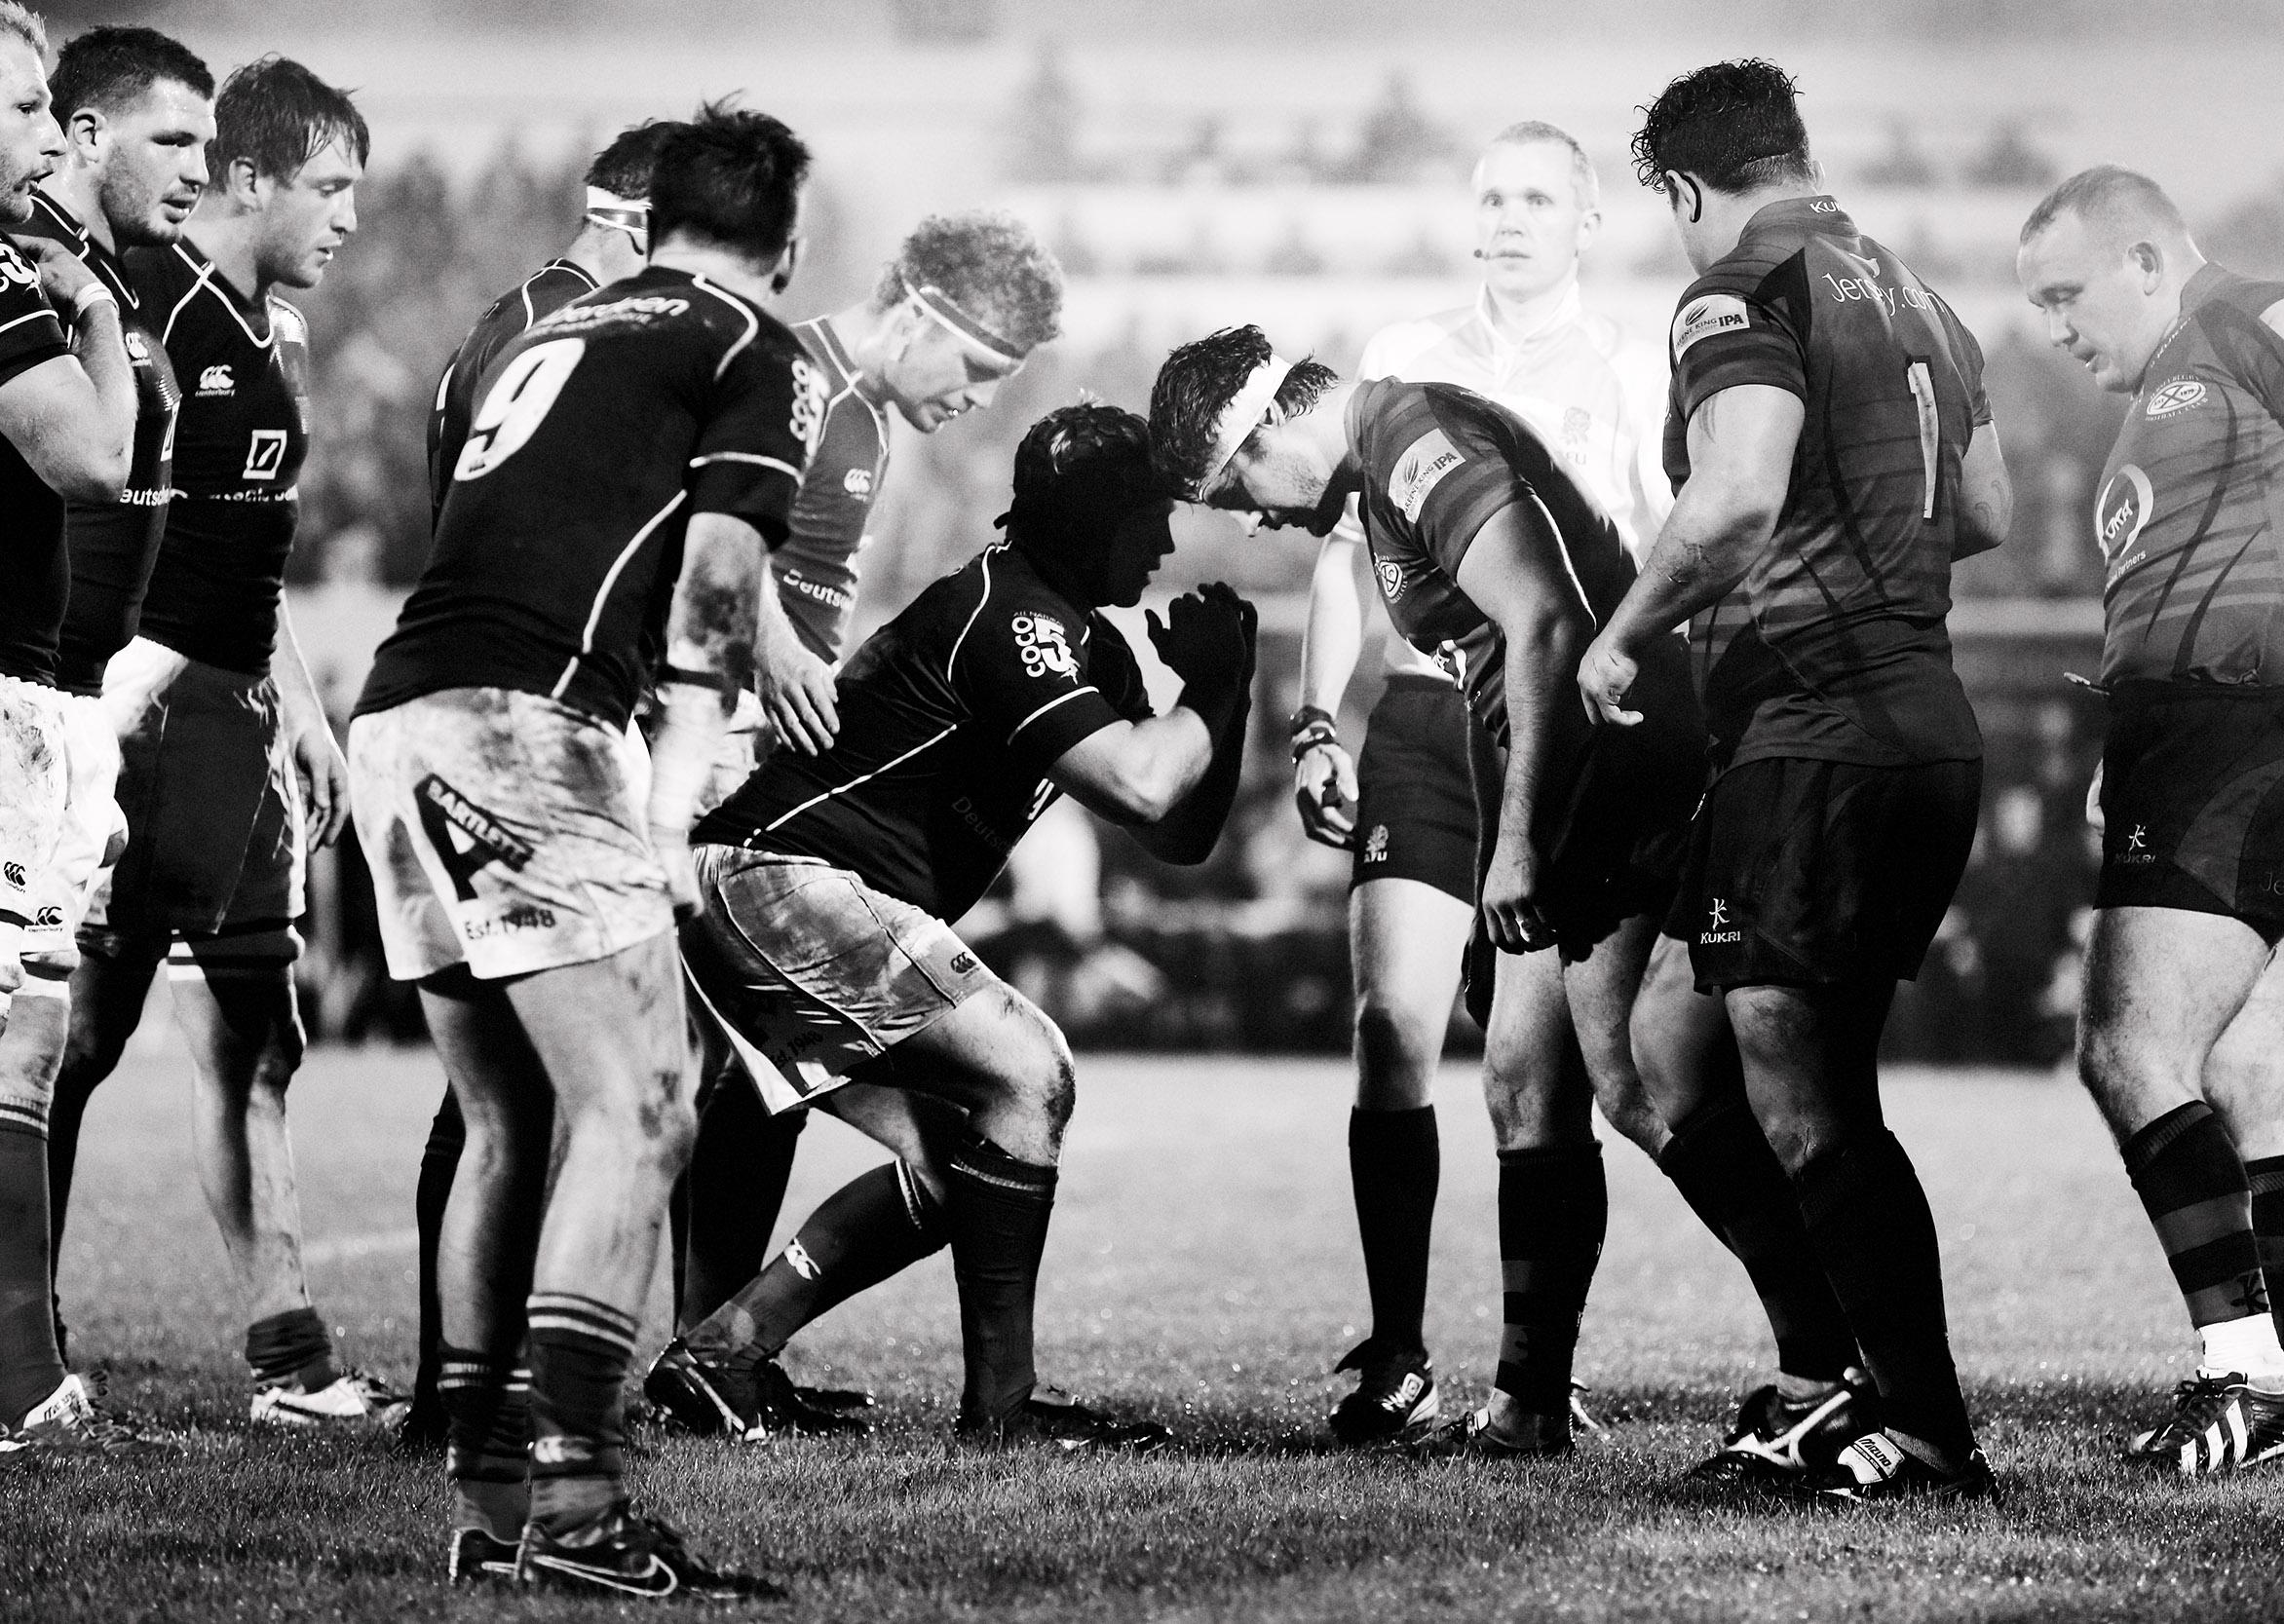 Jane_Stockdale_Rugby2.jpg